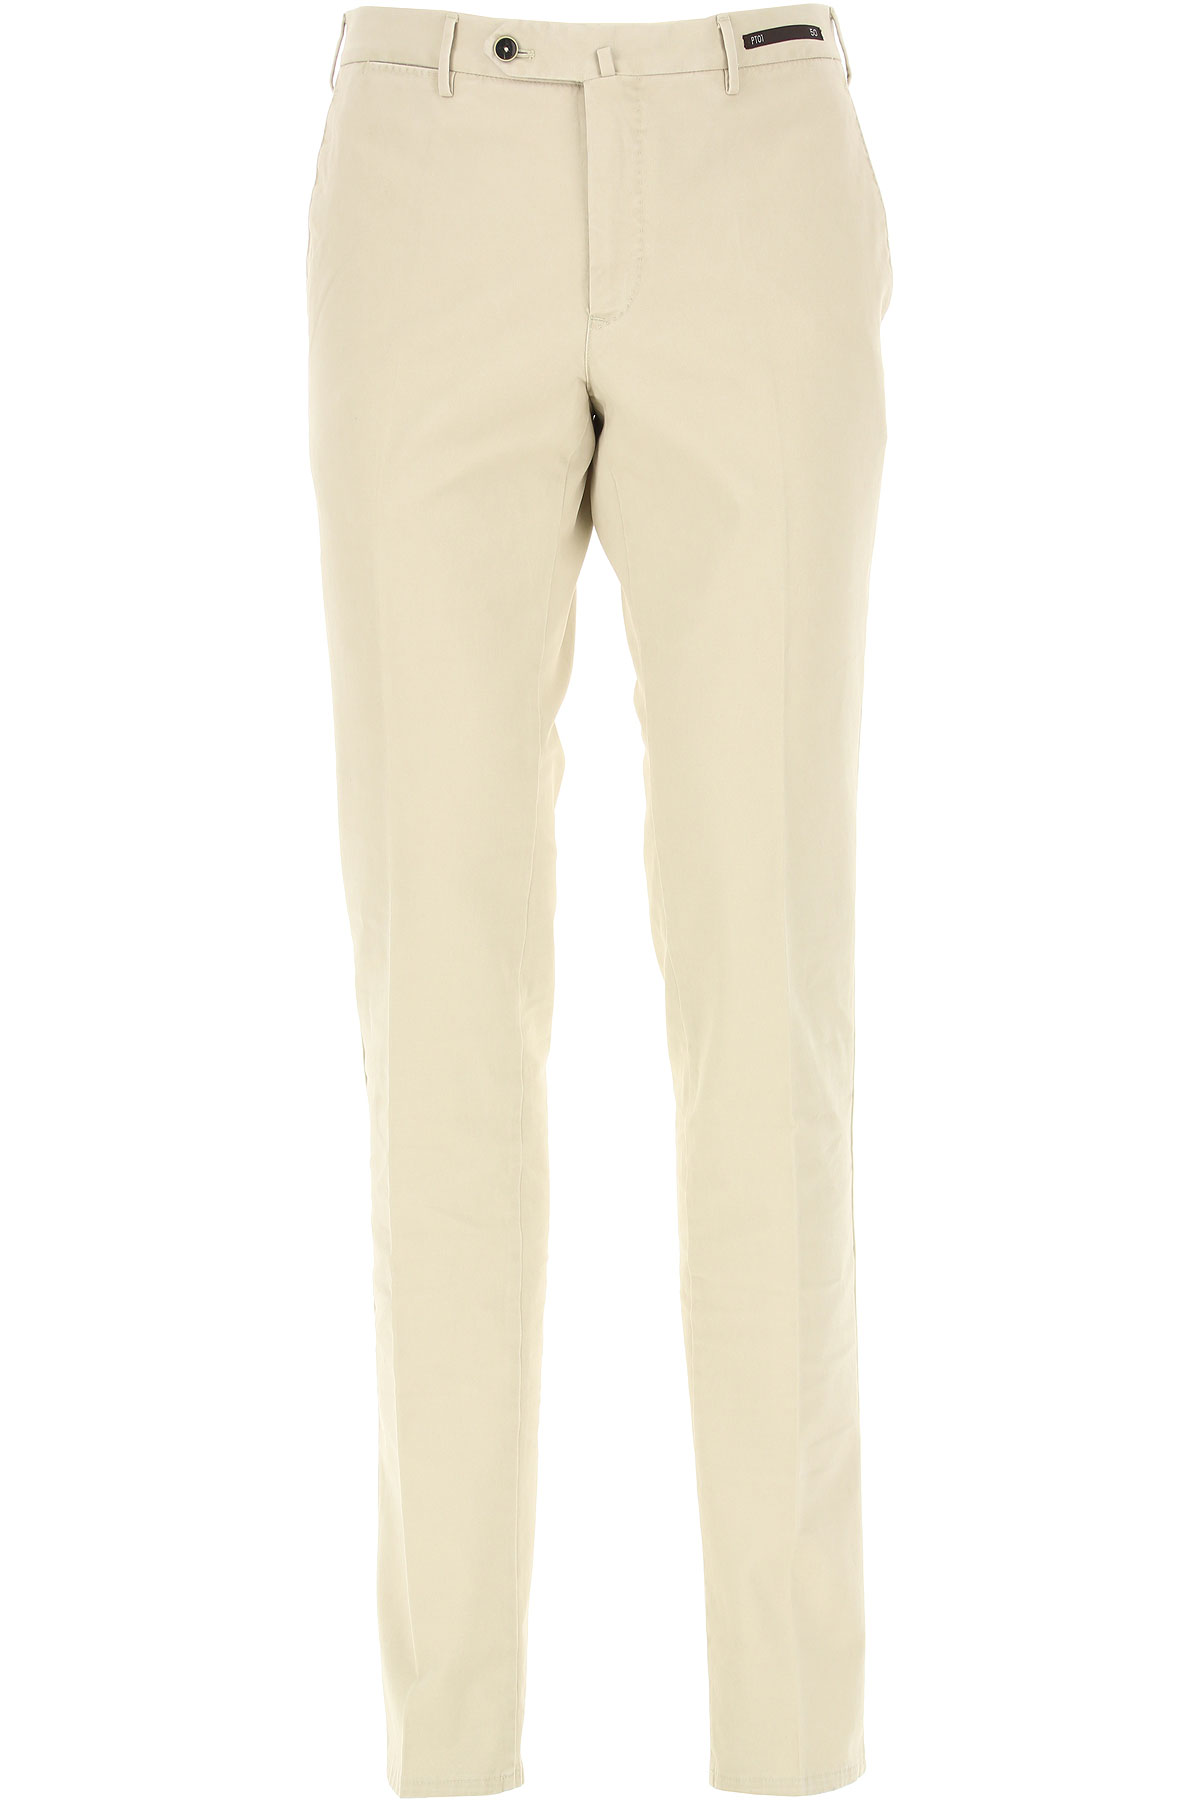 PT01 Pantalon Homme, Beige, Coton, 2019, 46 48 50 52